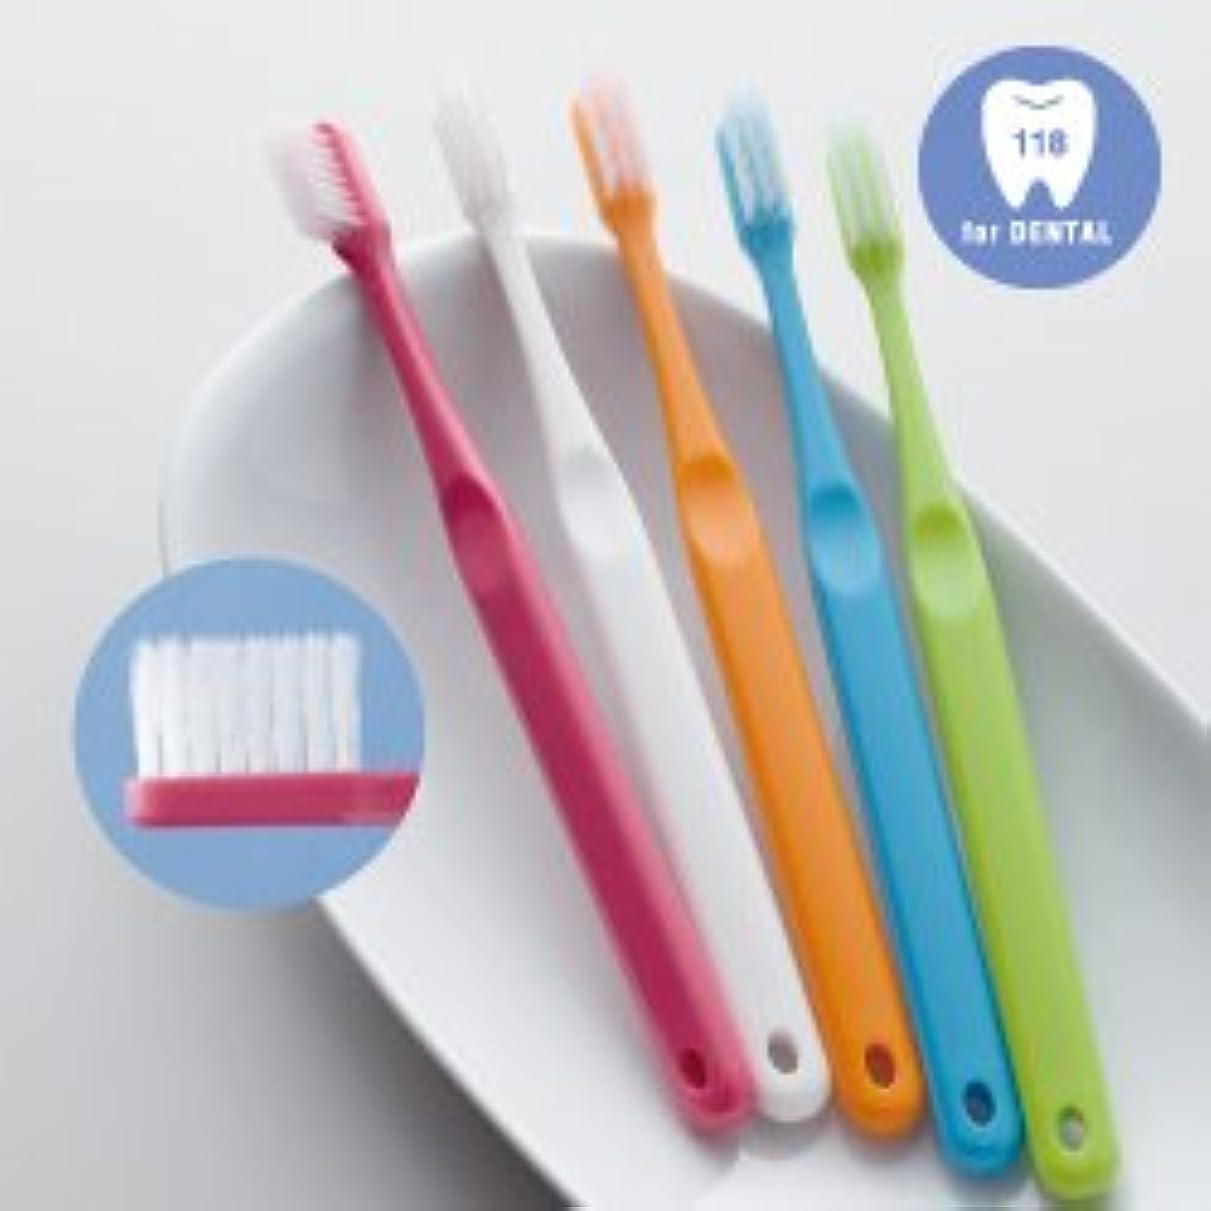 事実雨カロリー歯科専用歯ブラシ 118SERIES ZERO 超先細 ふつう 25本